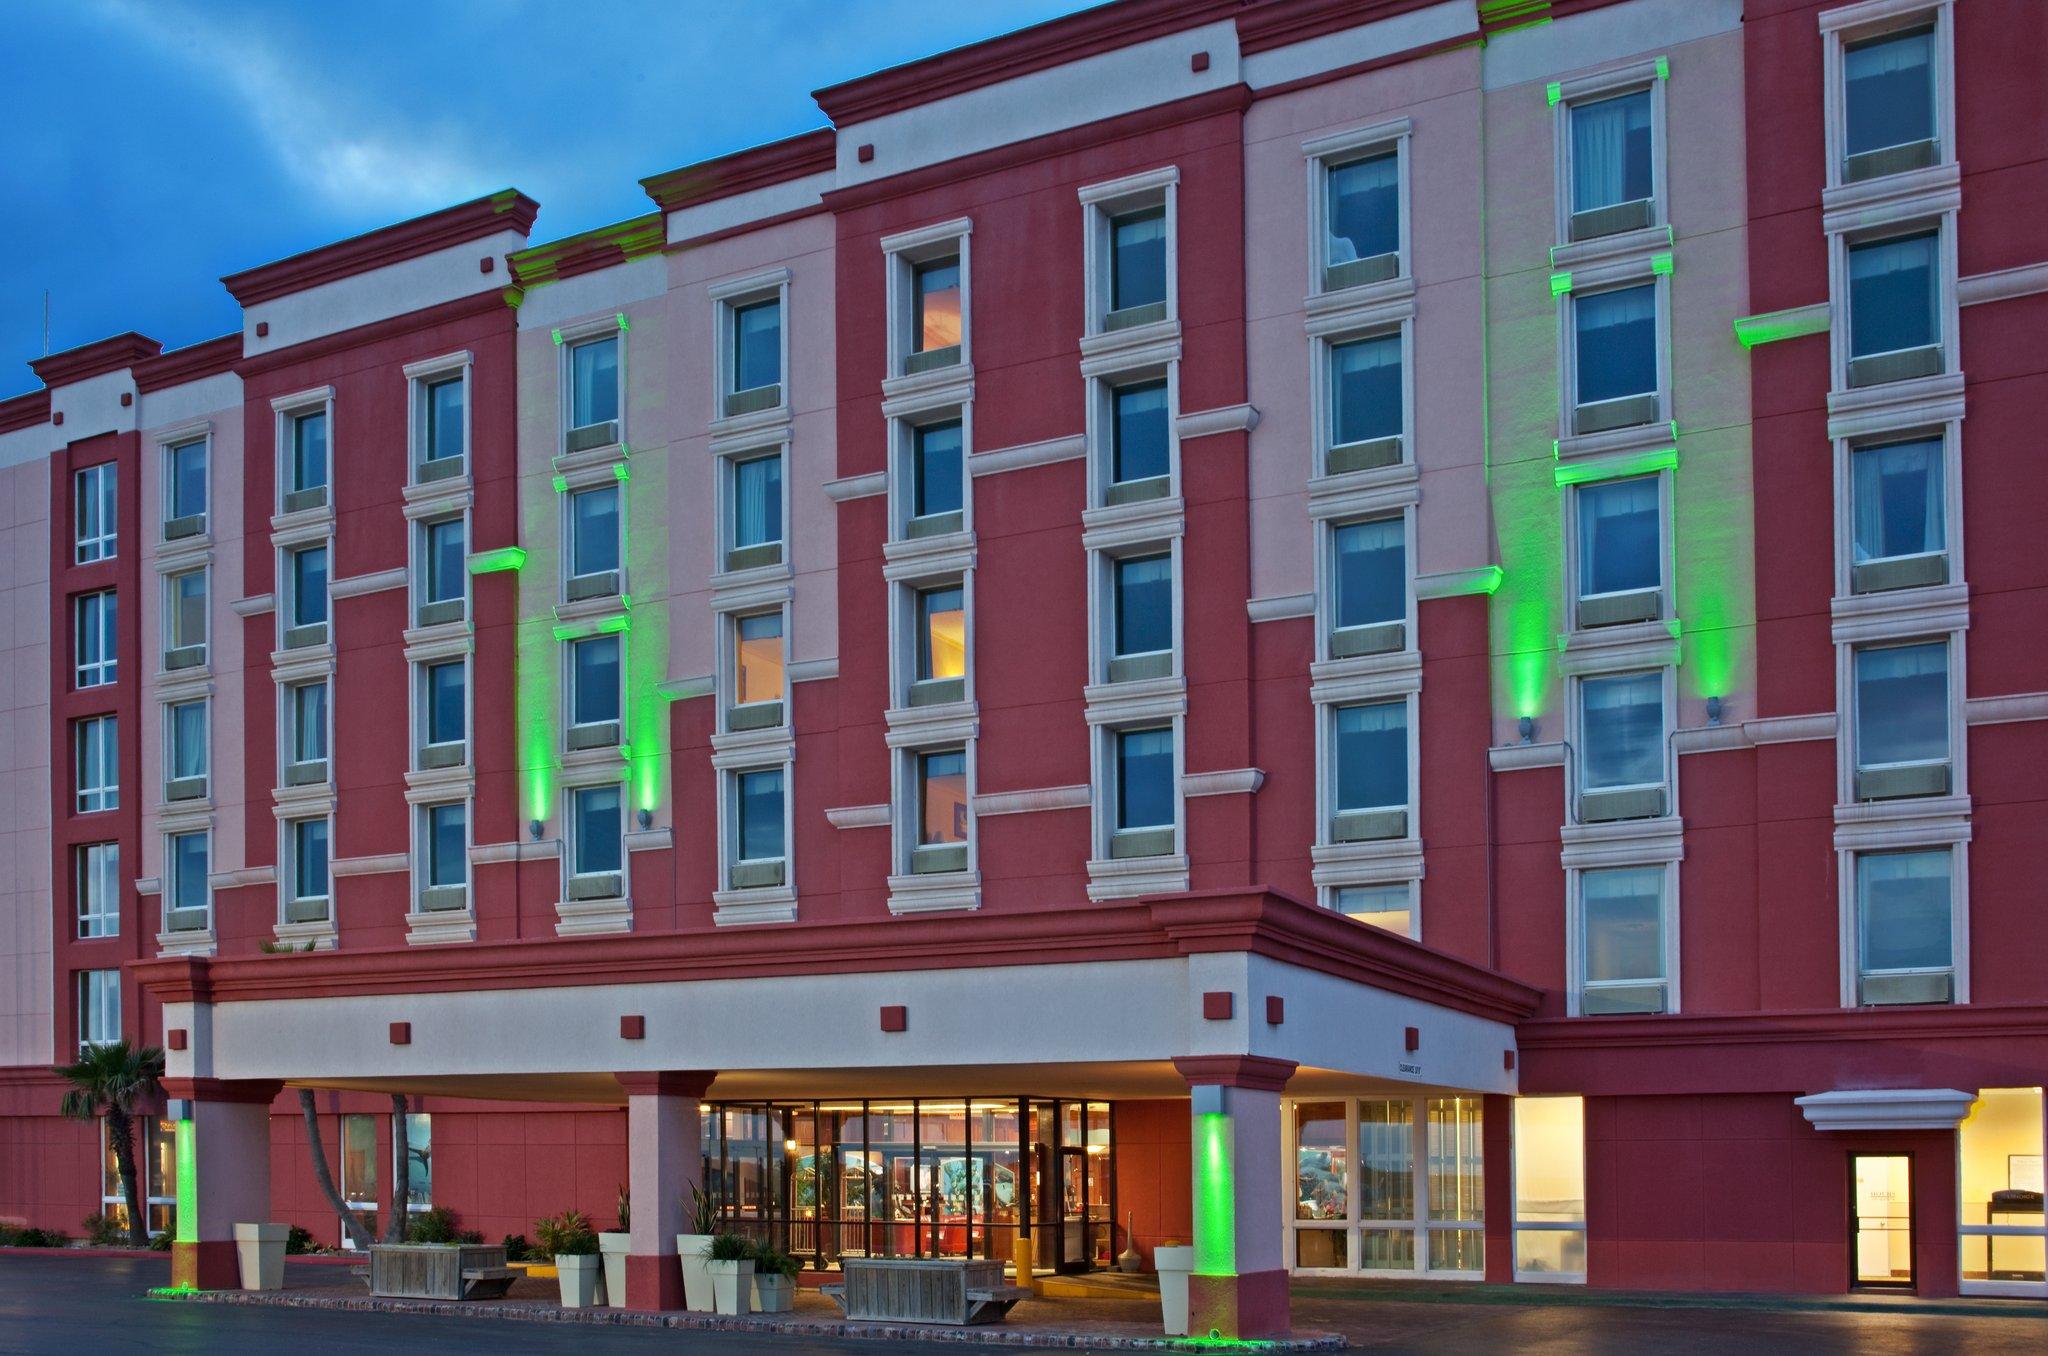 Holiday Inn Corpus Christi-N Padre Island